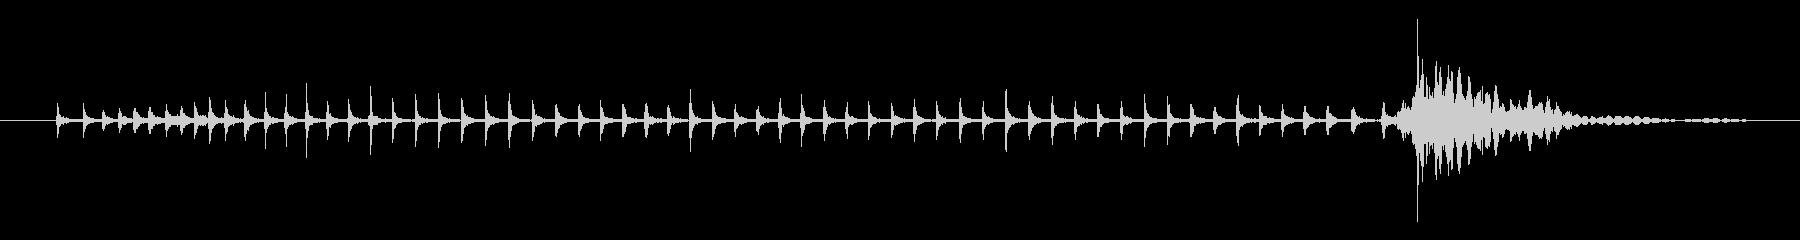 BMX バイクランプフライランド06の未再生の波形